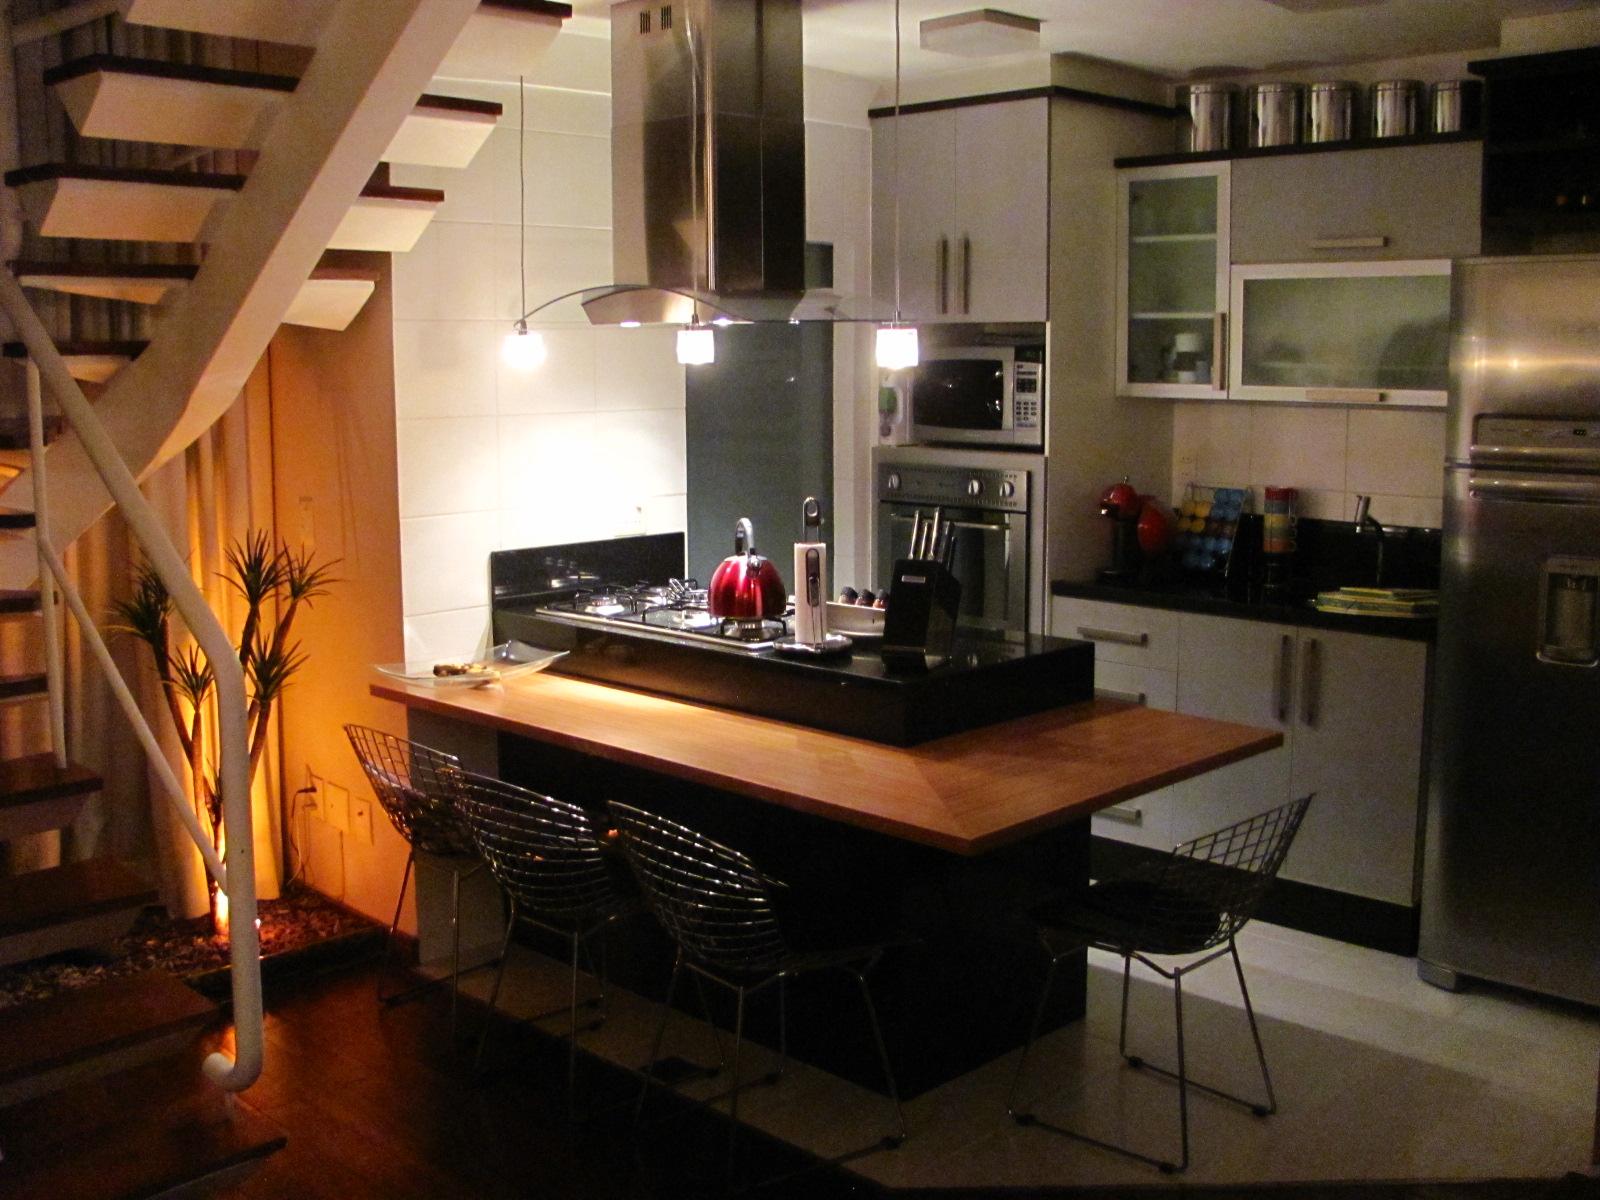 cozinha americana trata se de uma integração de ambientes #C98A02 1600 1200